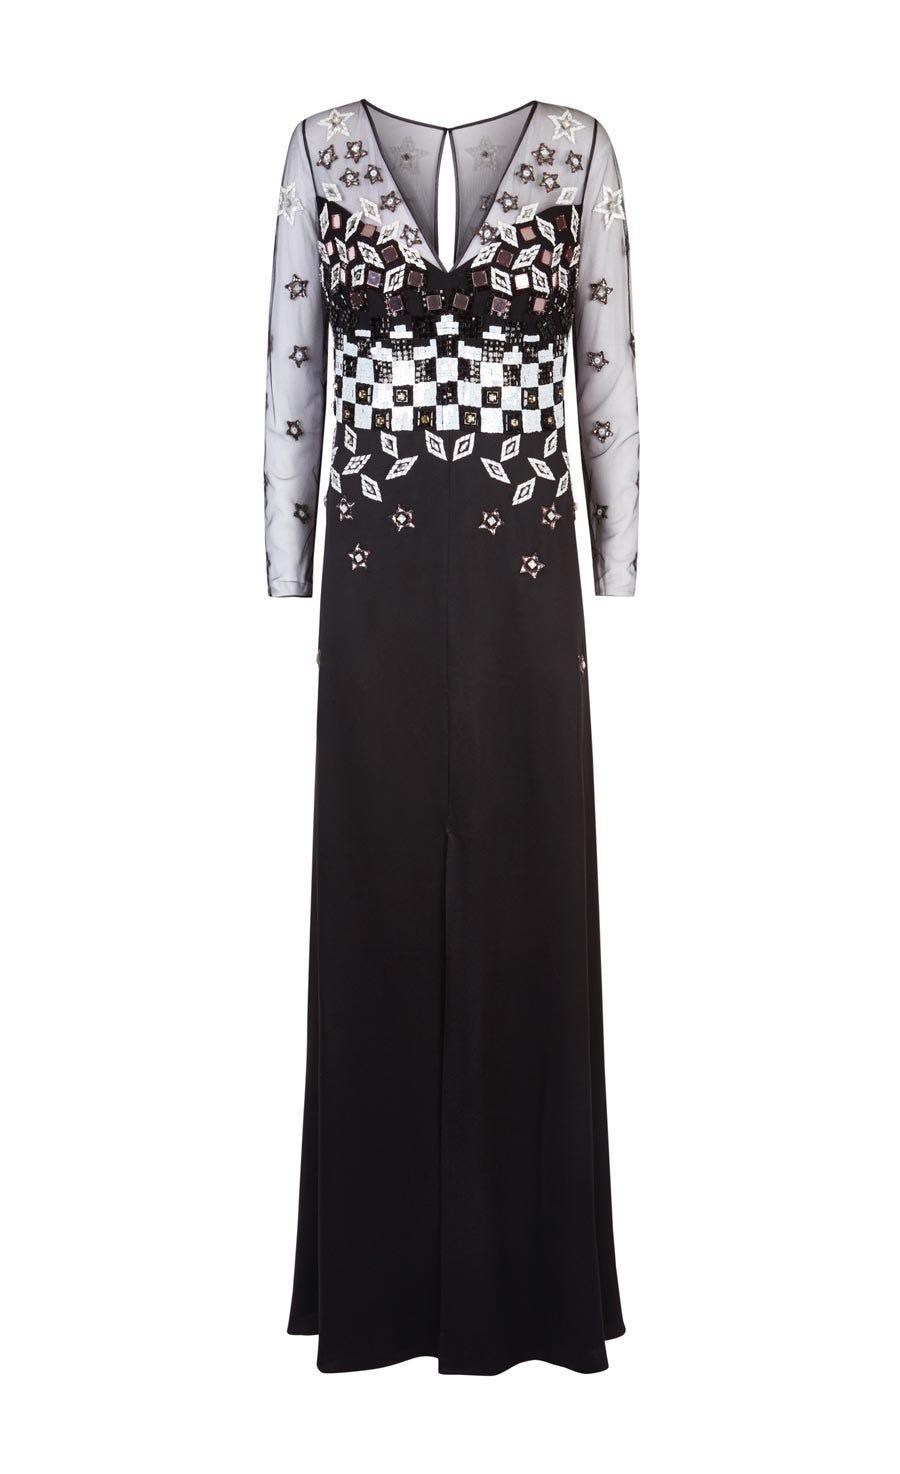 Splendour Sleeved Dress